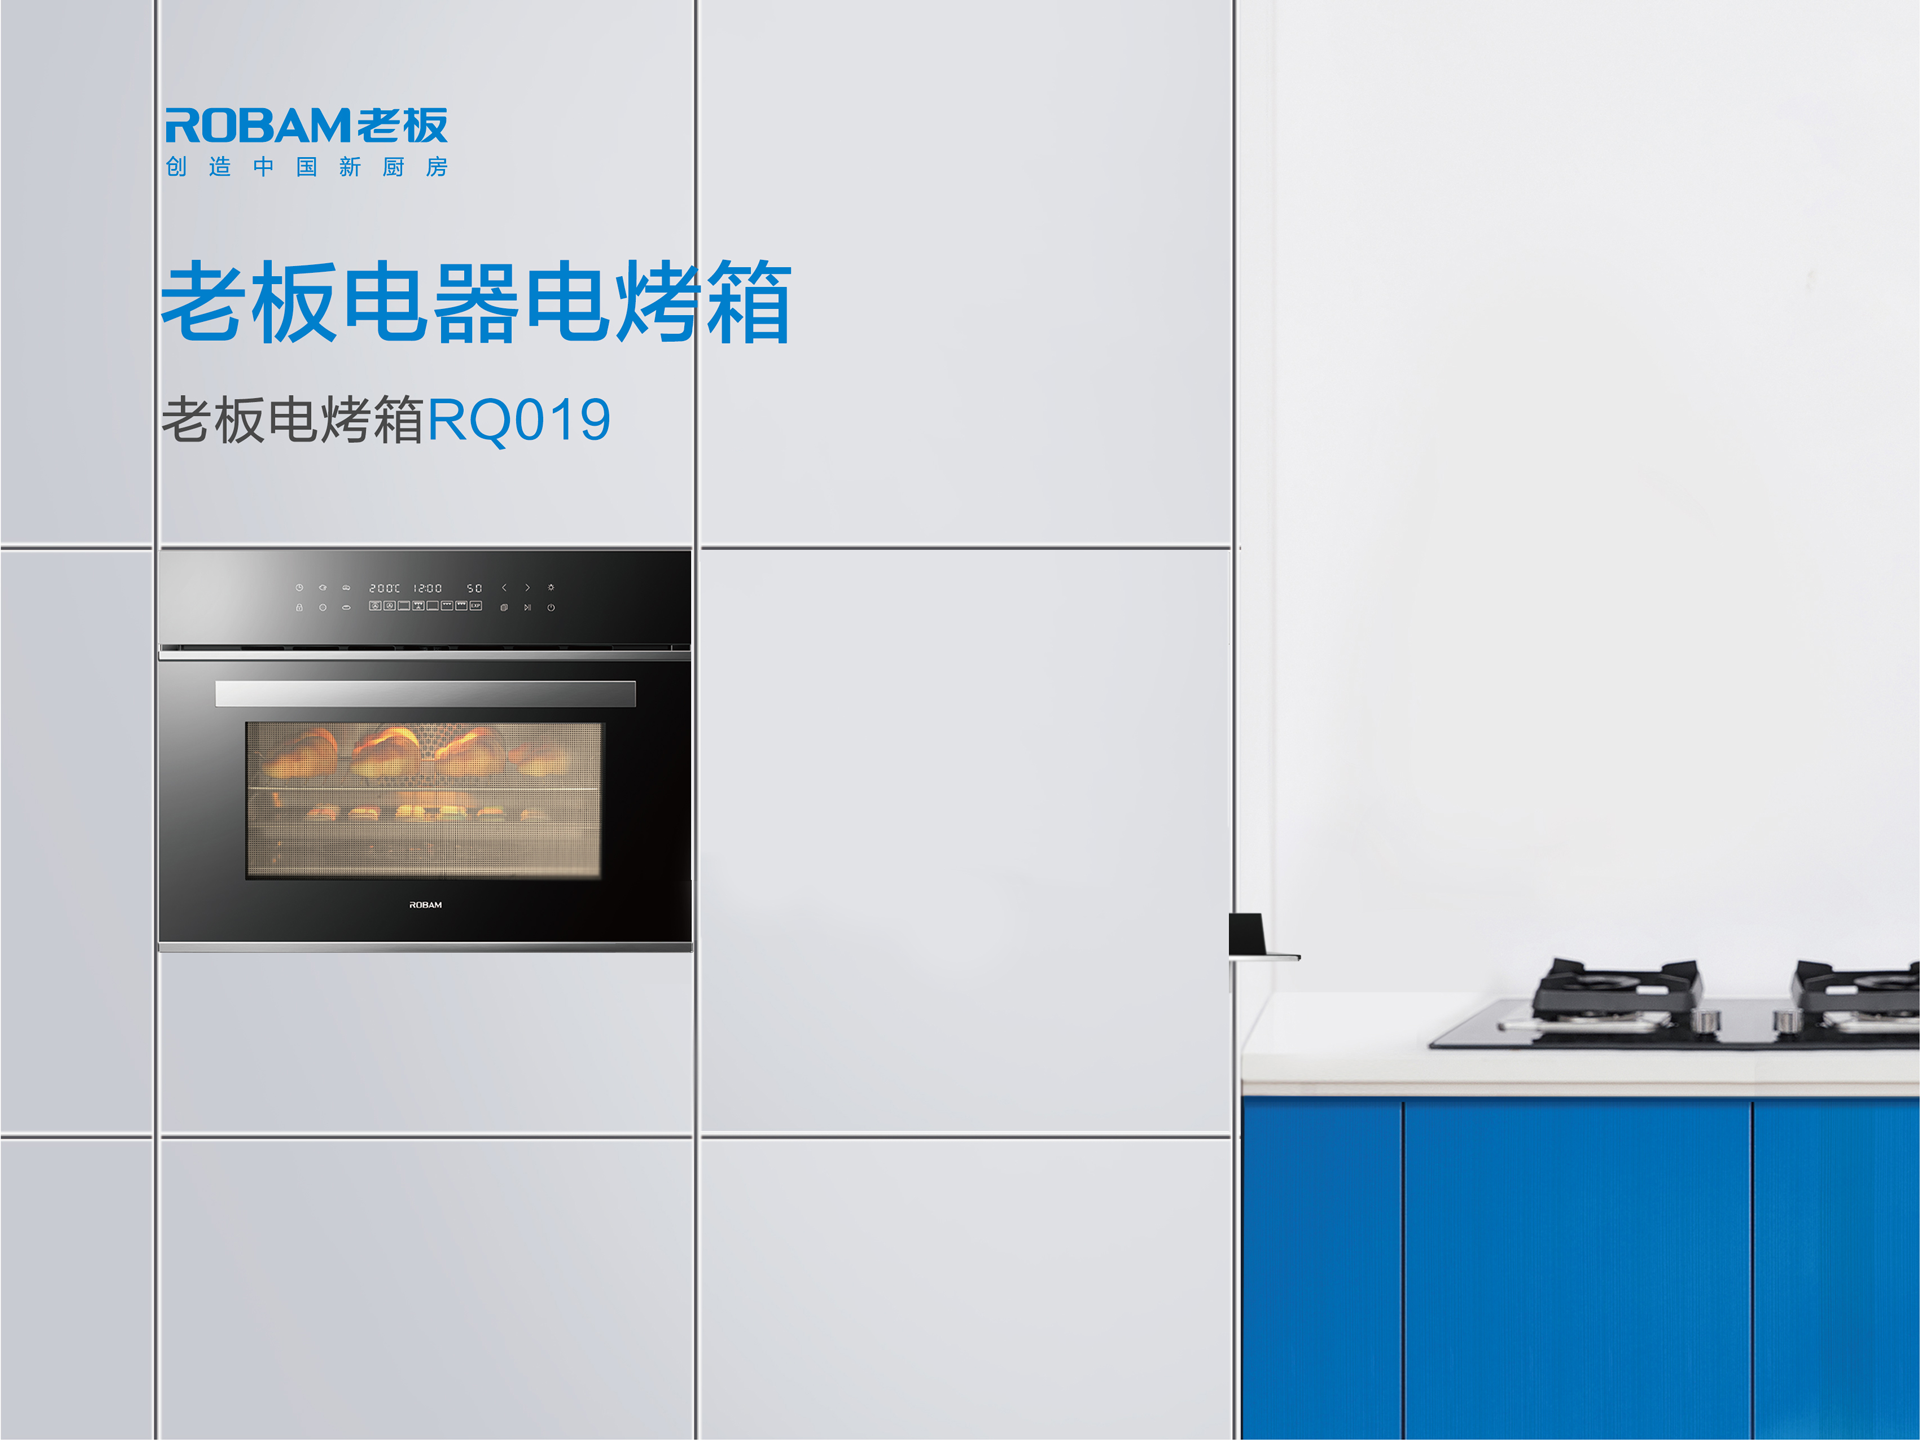 老板电器蒸烤经典系列-SQ229-RQ019册子-封面-封底_02.png